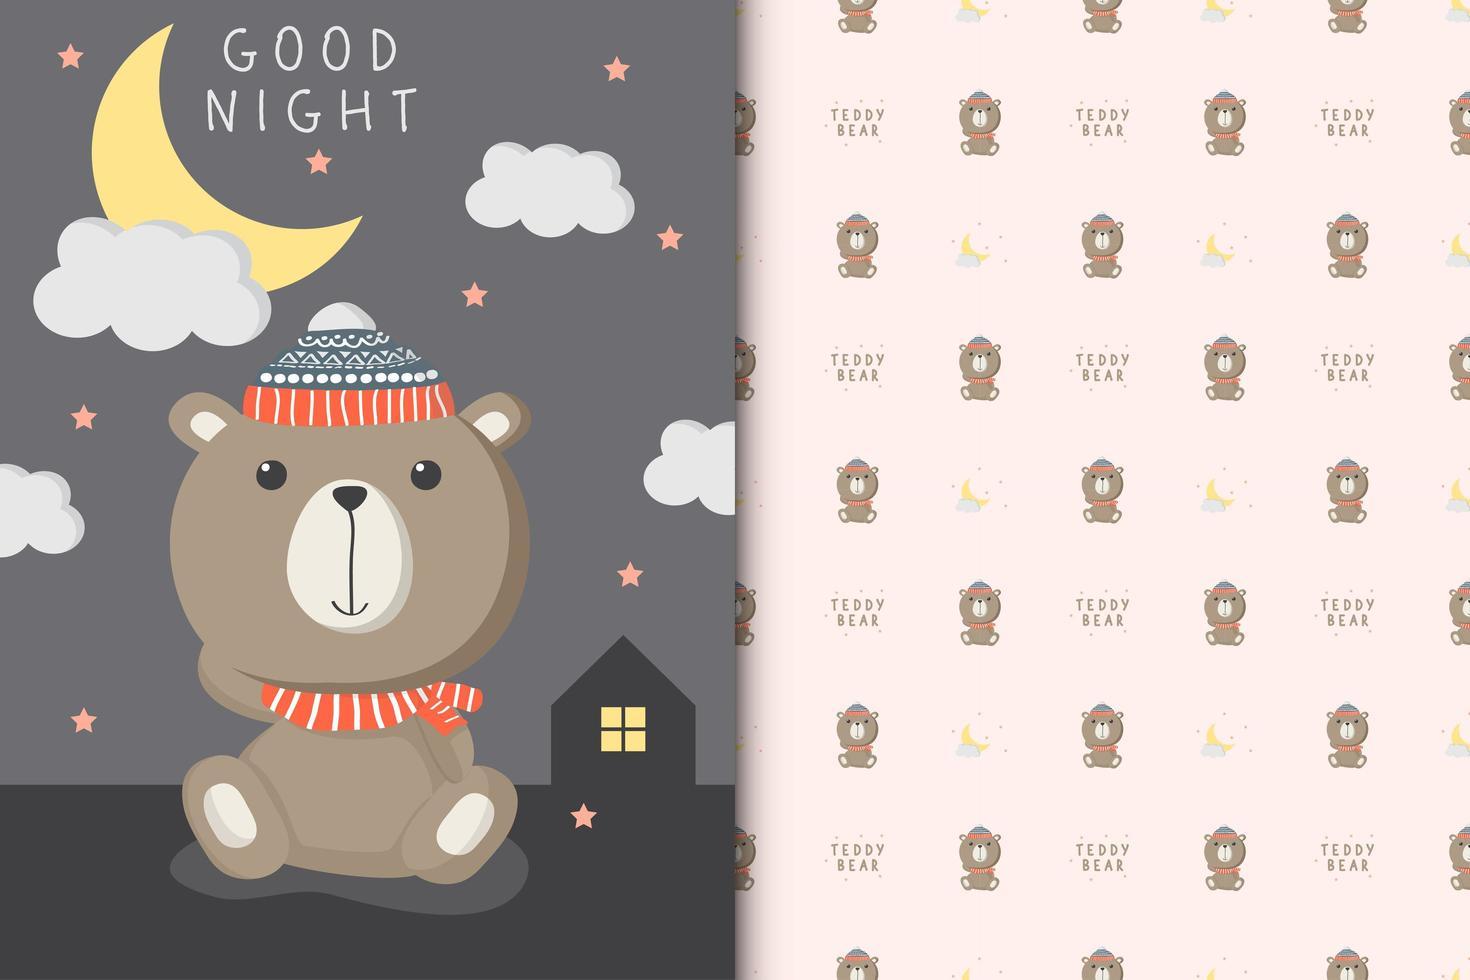 Goodnight Teddy Bear vector